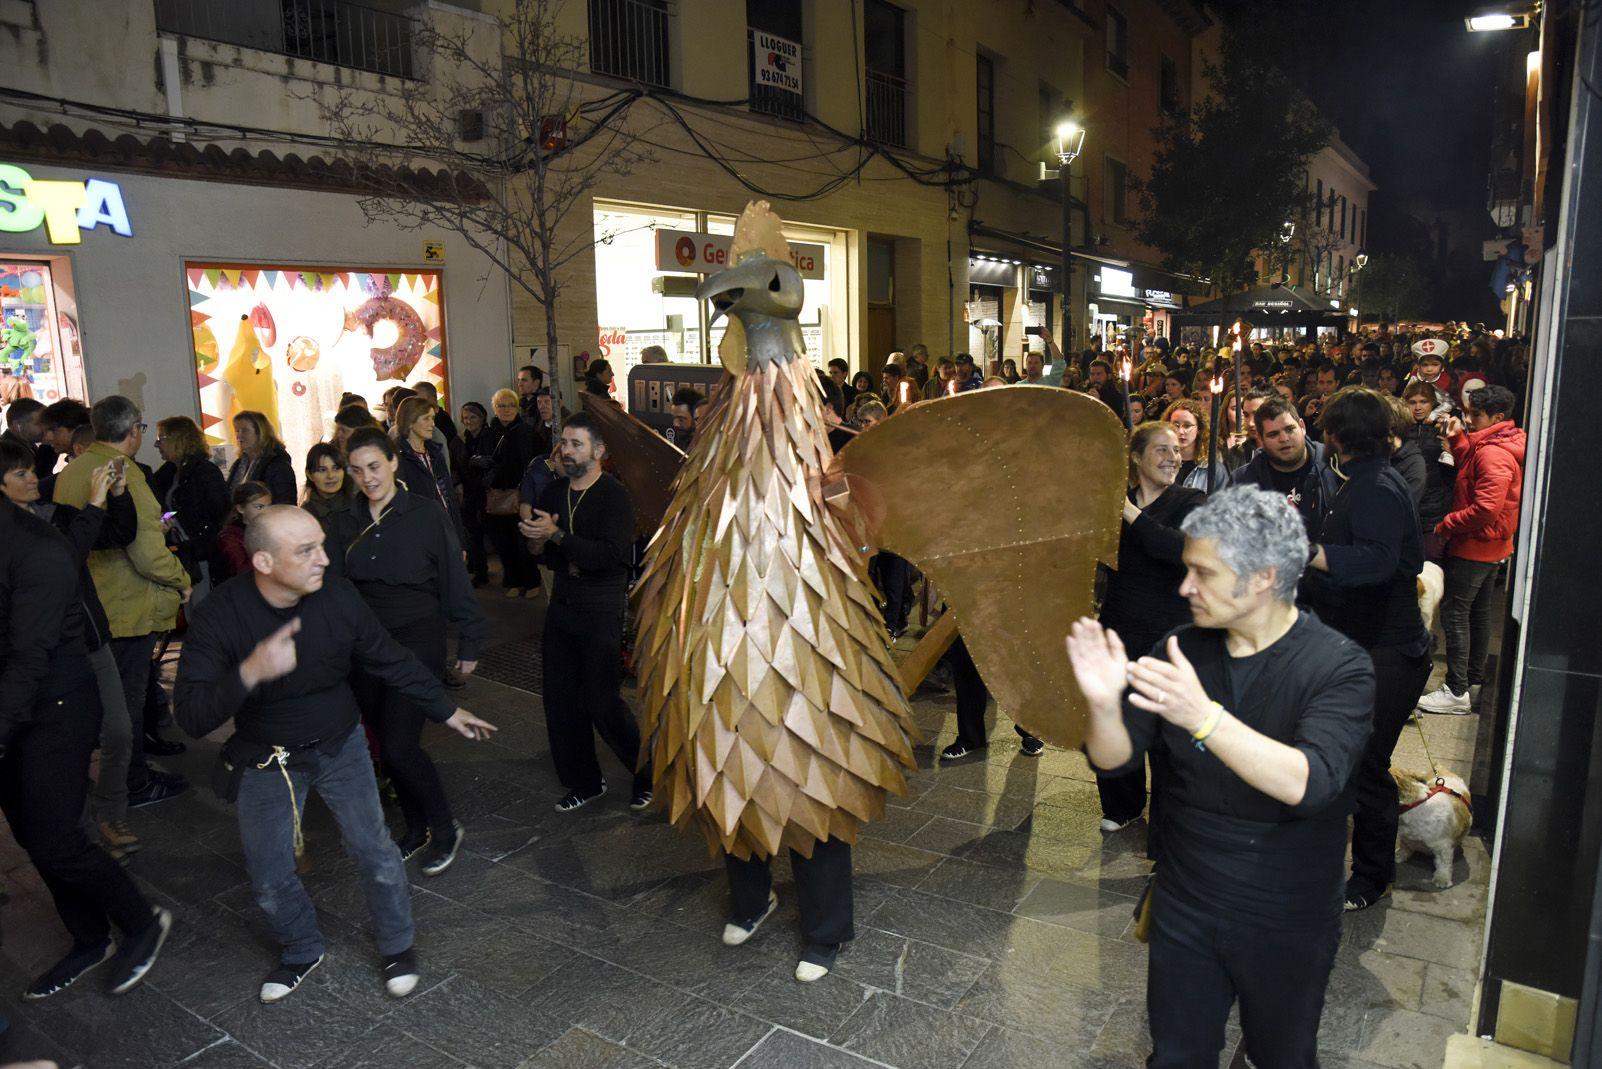 Processó del Gall cap a l'Ajuntament. Foto: Bernat Millet.